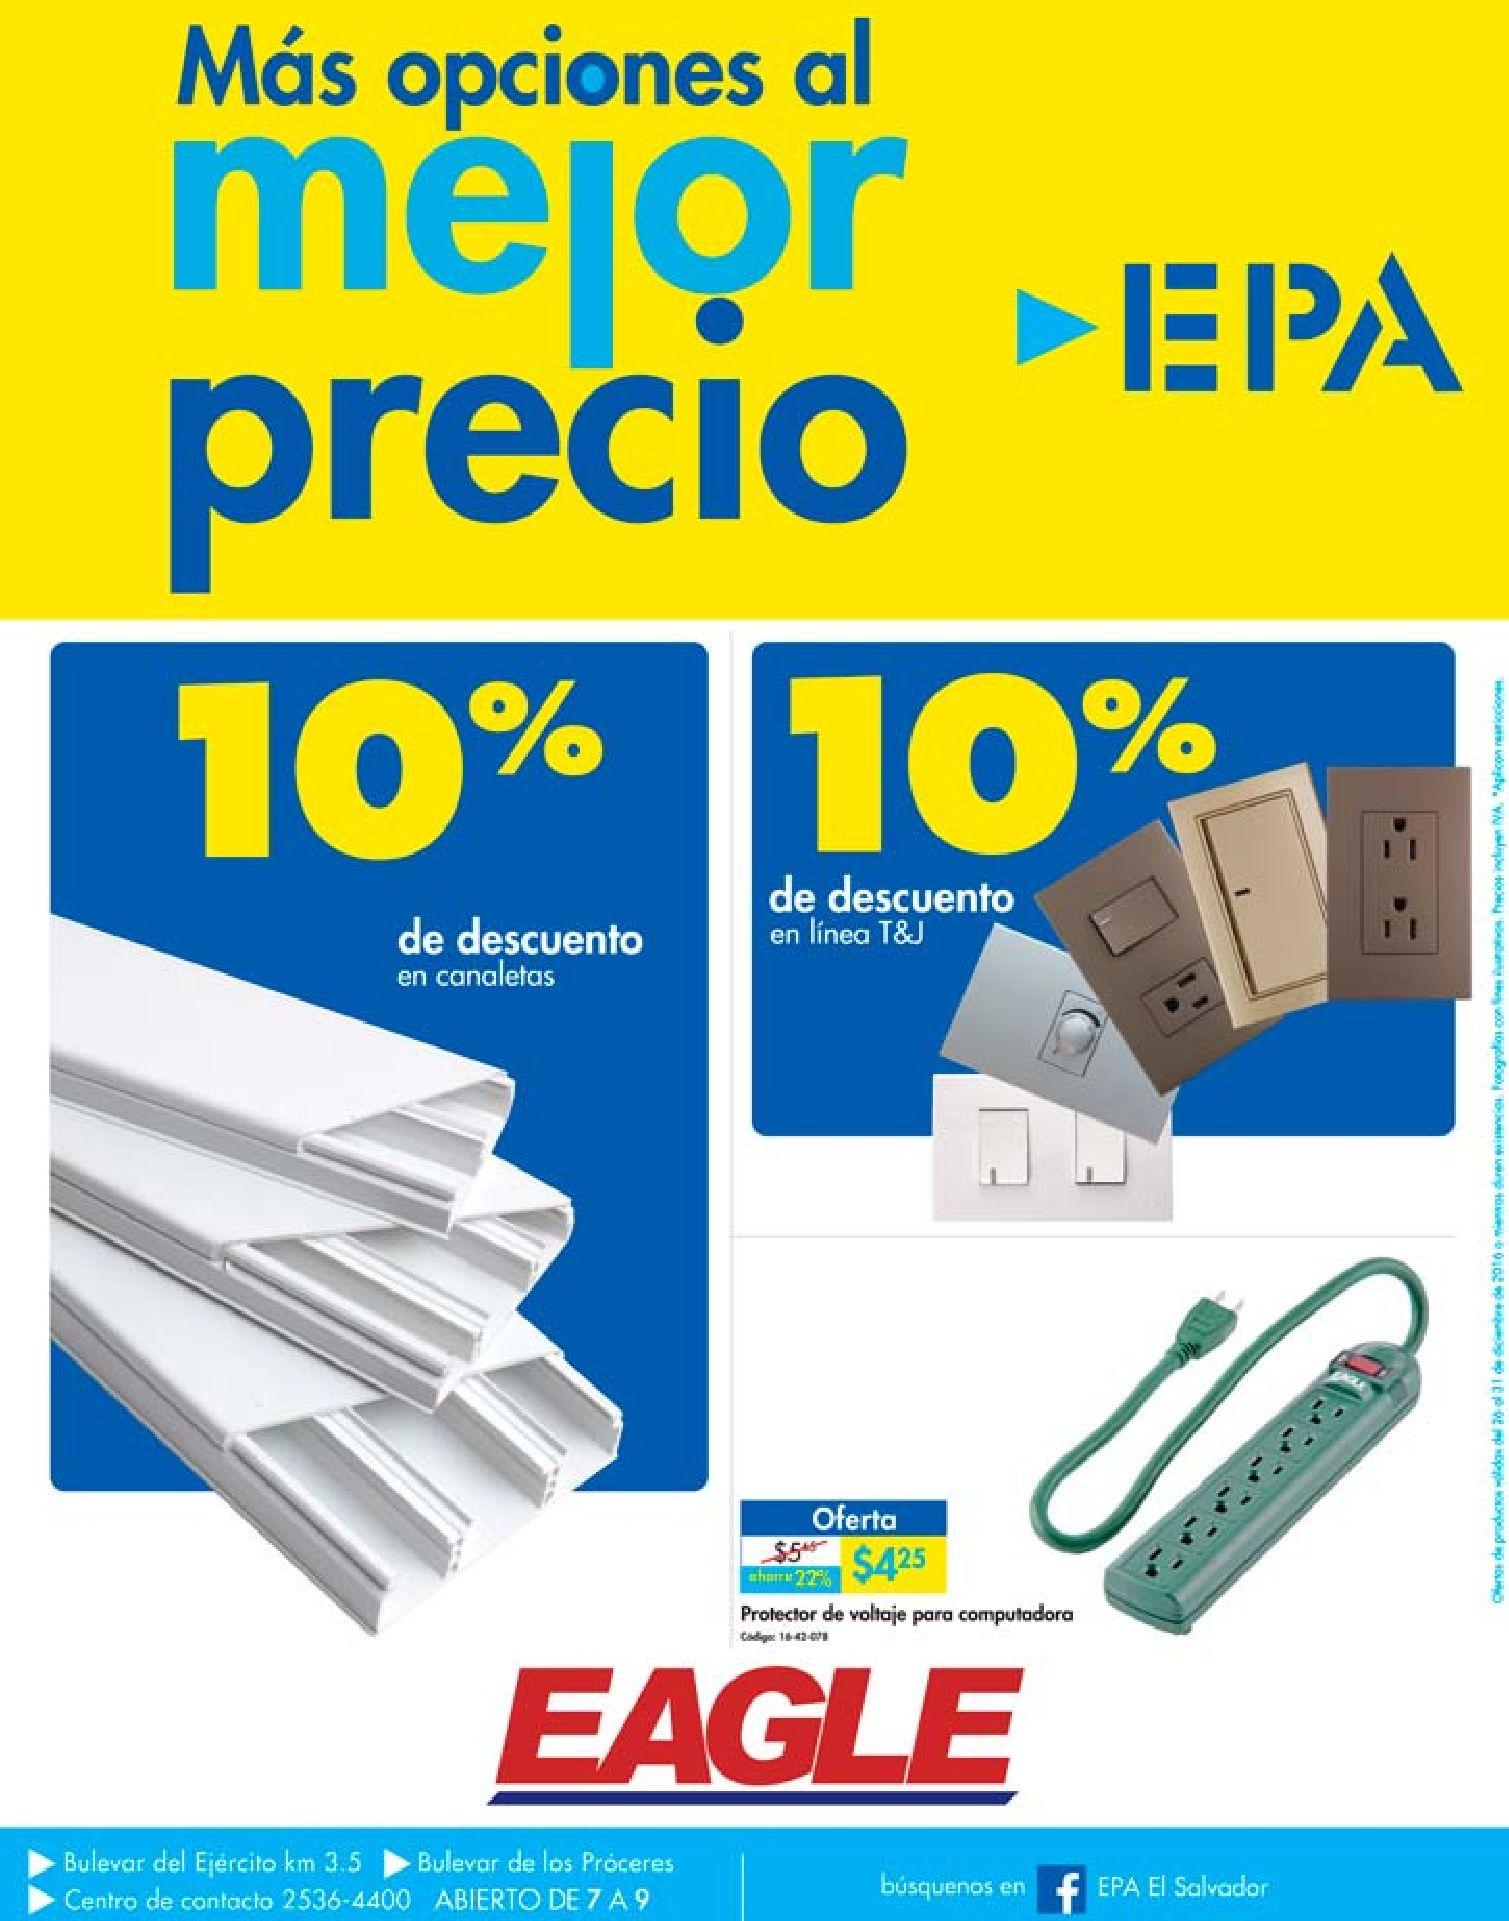 epa-opciones-leectricas-eagle-al-mejor-precio